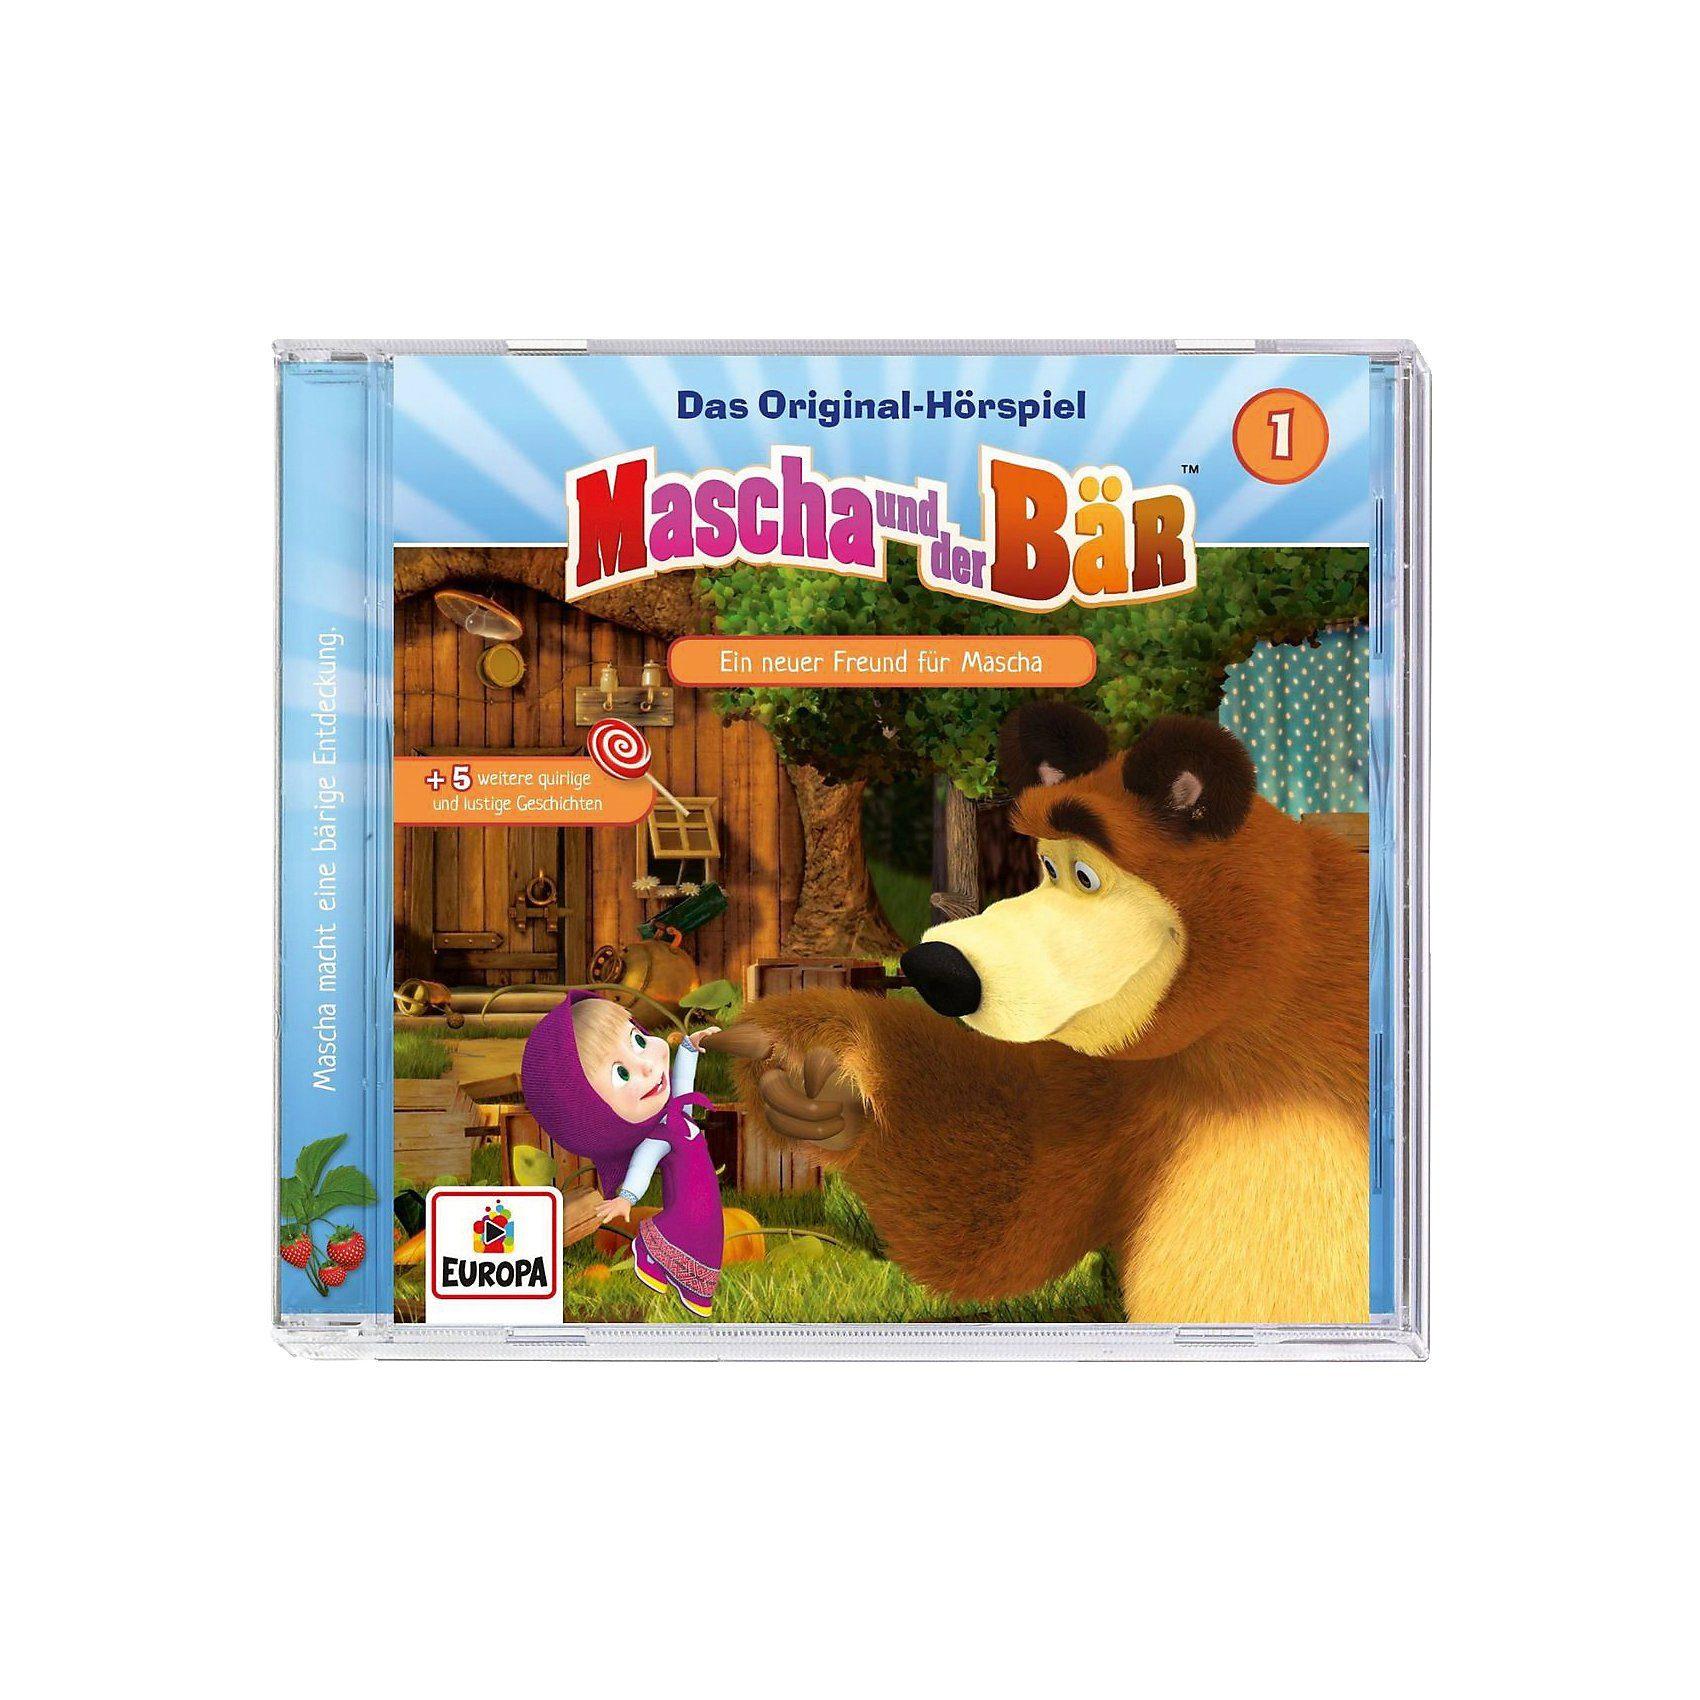 Sony CD Mascha und der Bär 01